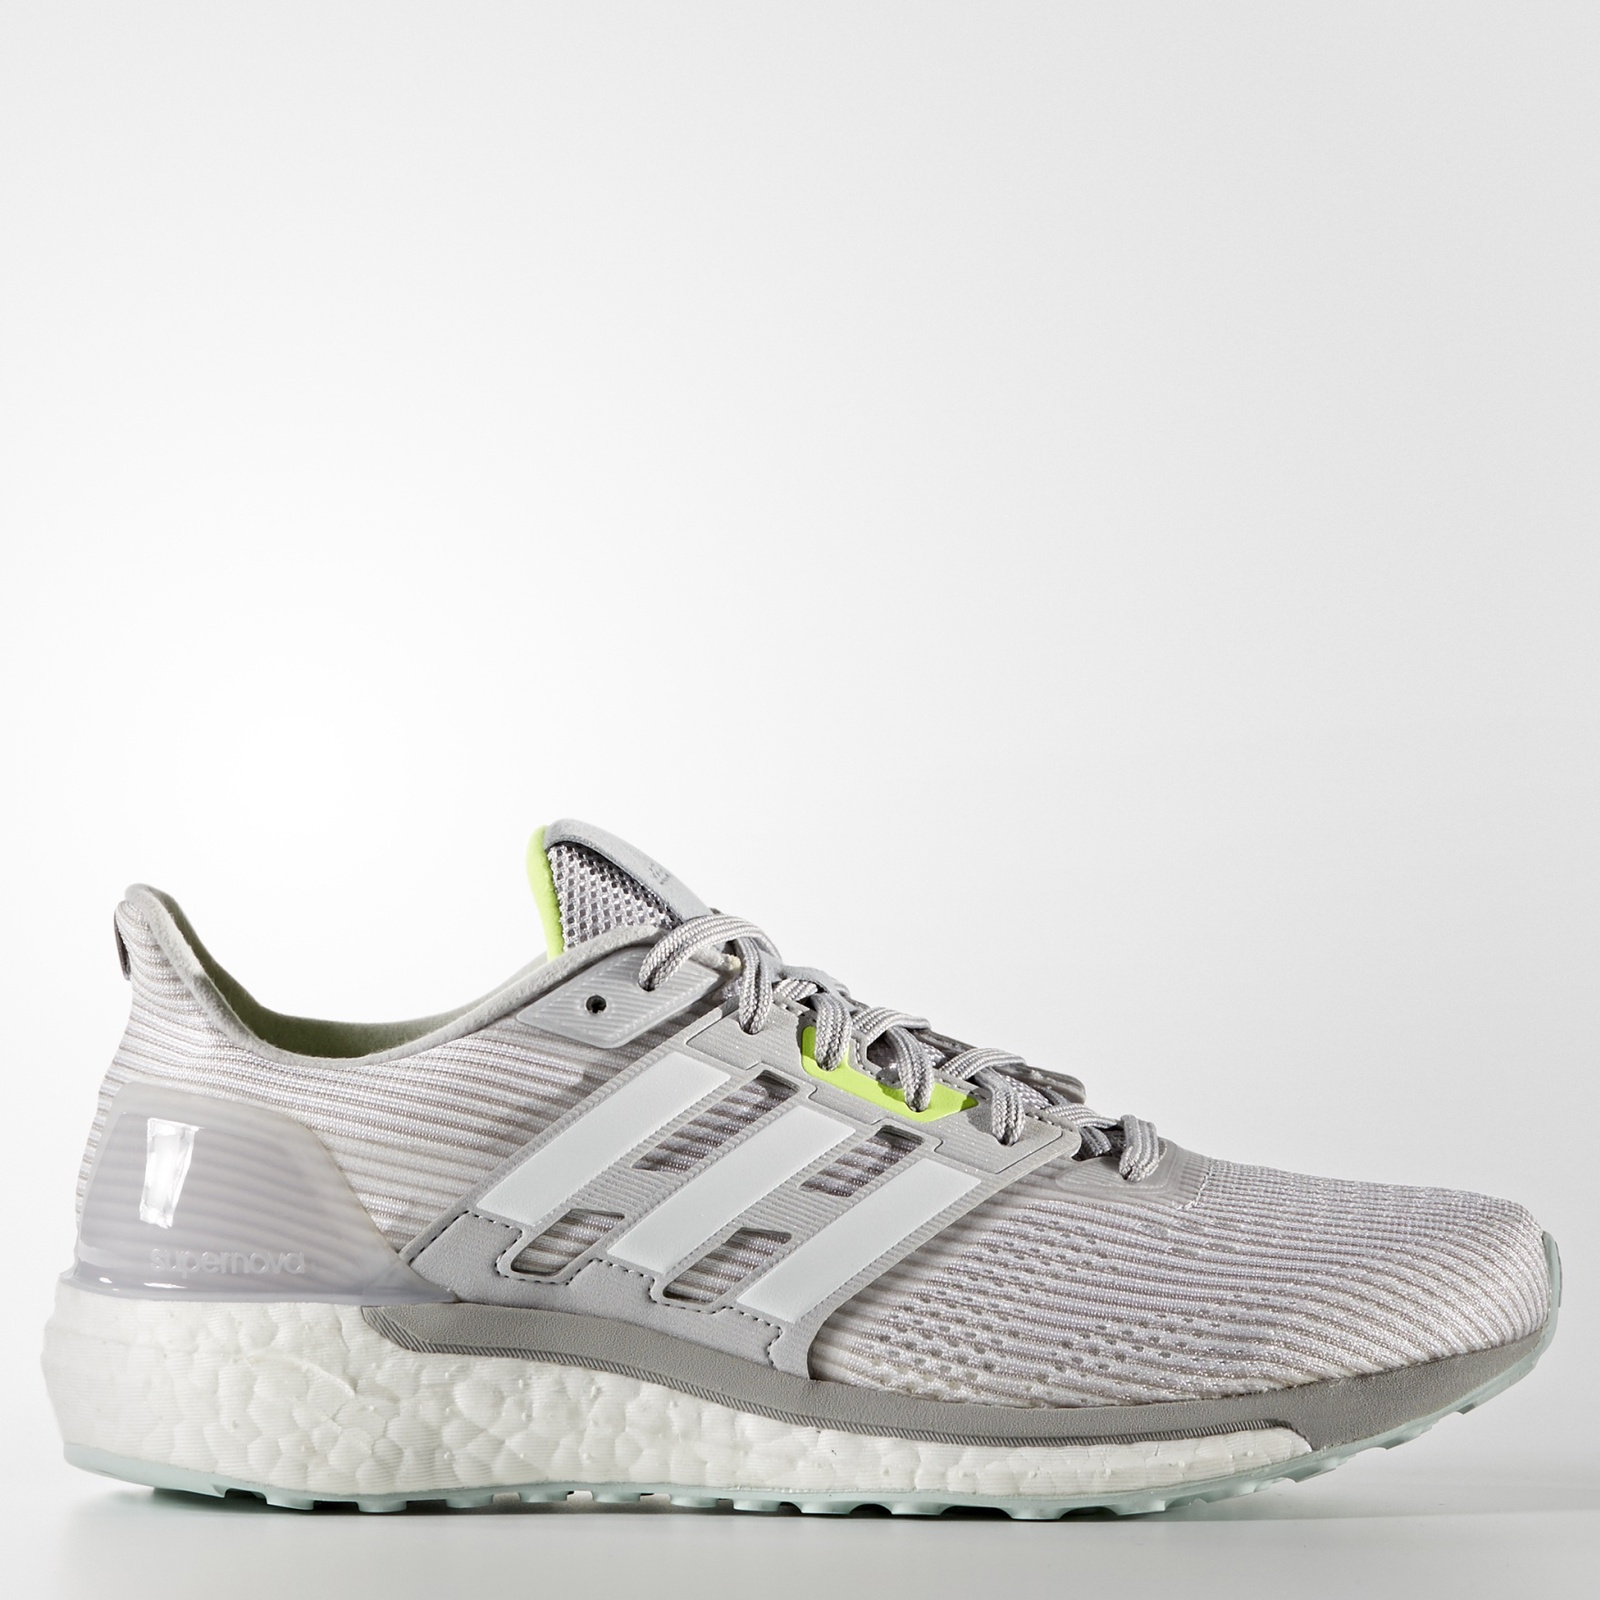 Кроссовки adidas кроссовки для бега мужские adidas performance supernova sequence 9 цвет серый темно синий bb1612 размер 11 44 5